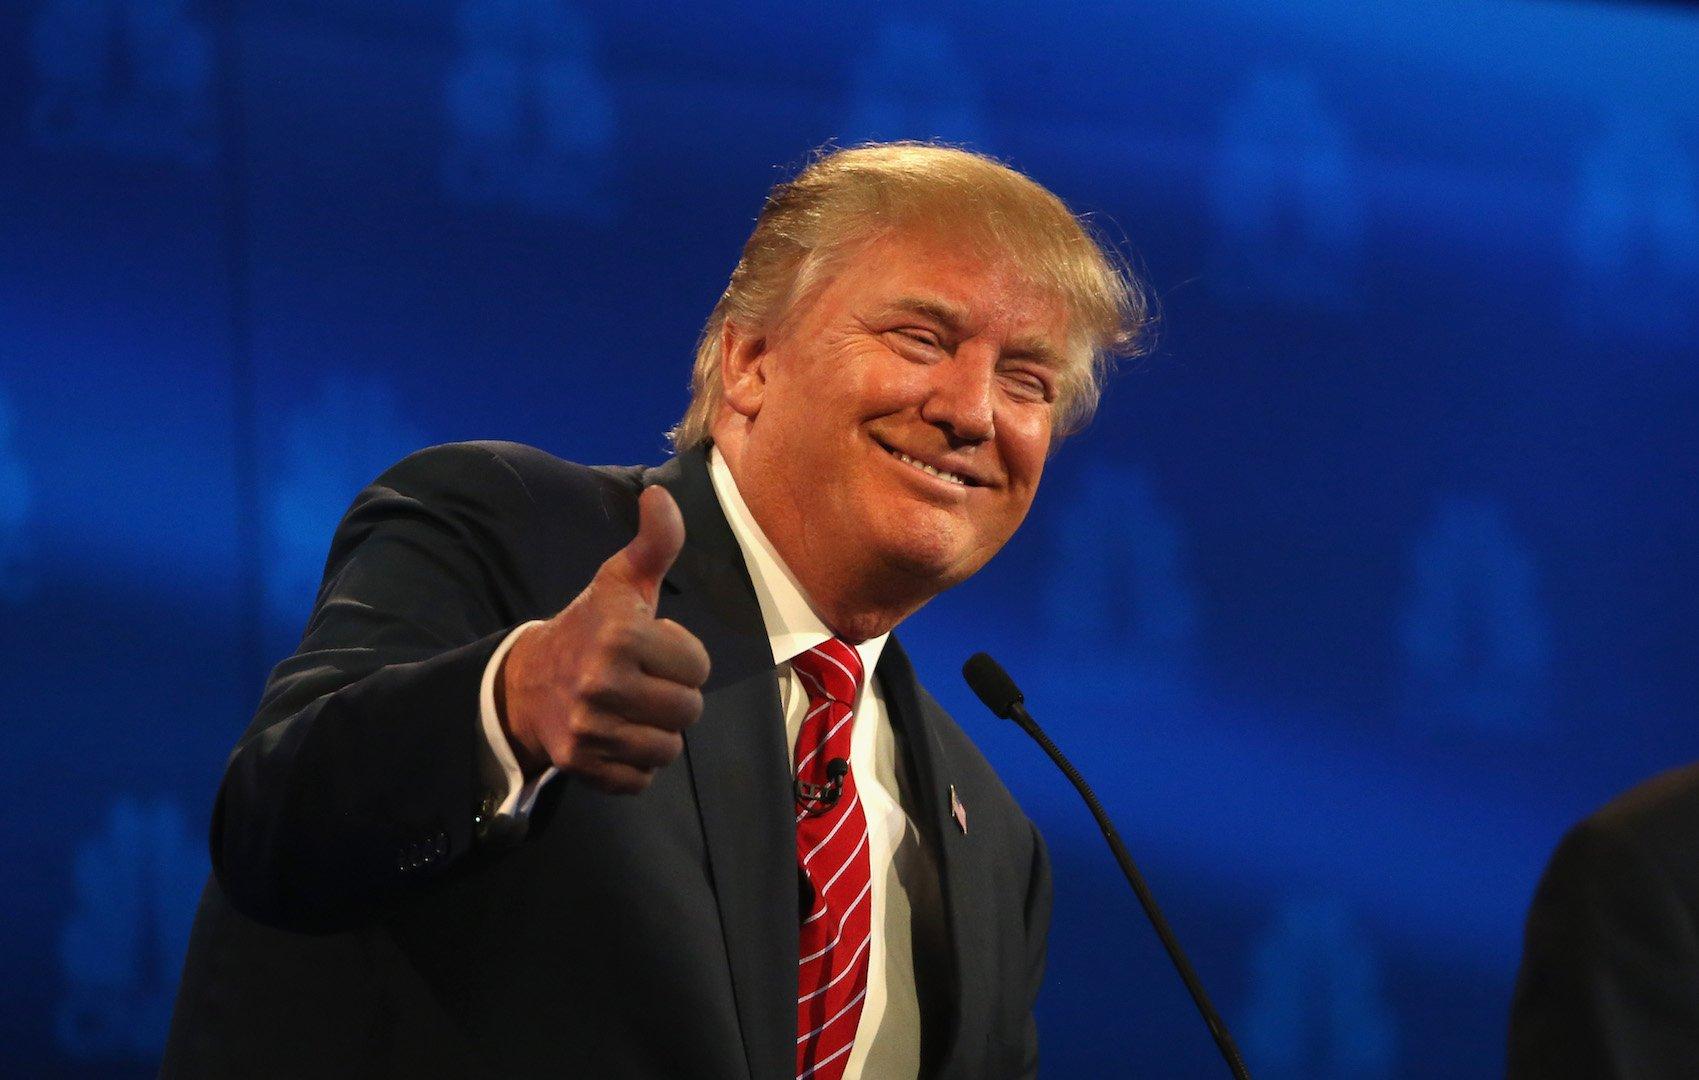 фотографа, желательно дональд трамп смешные фото началом